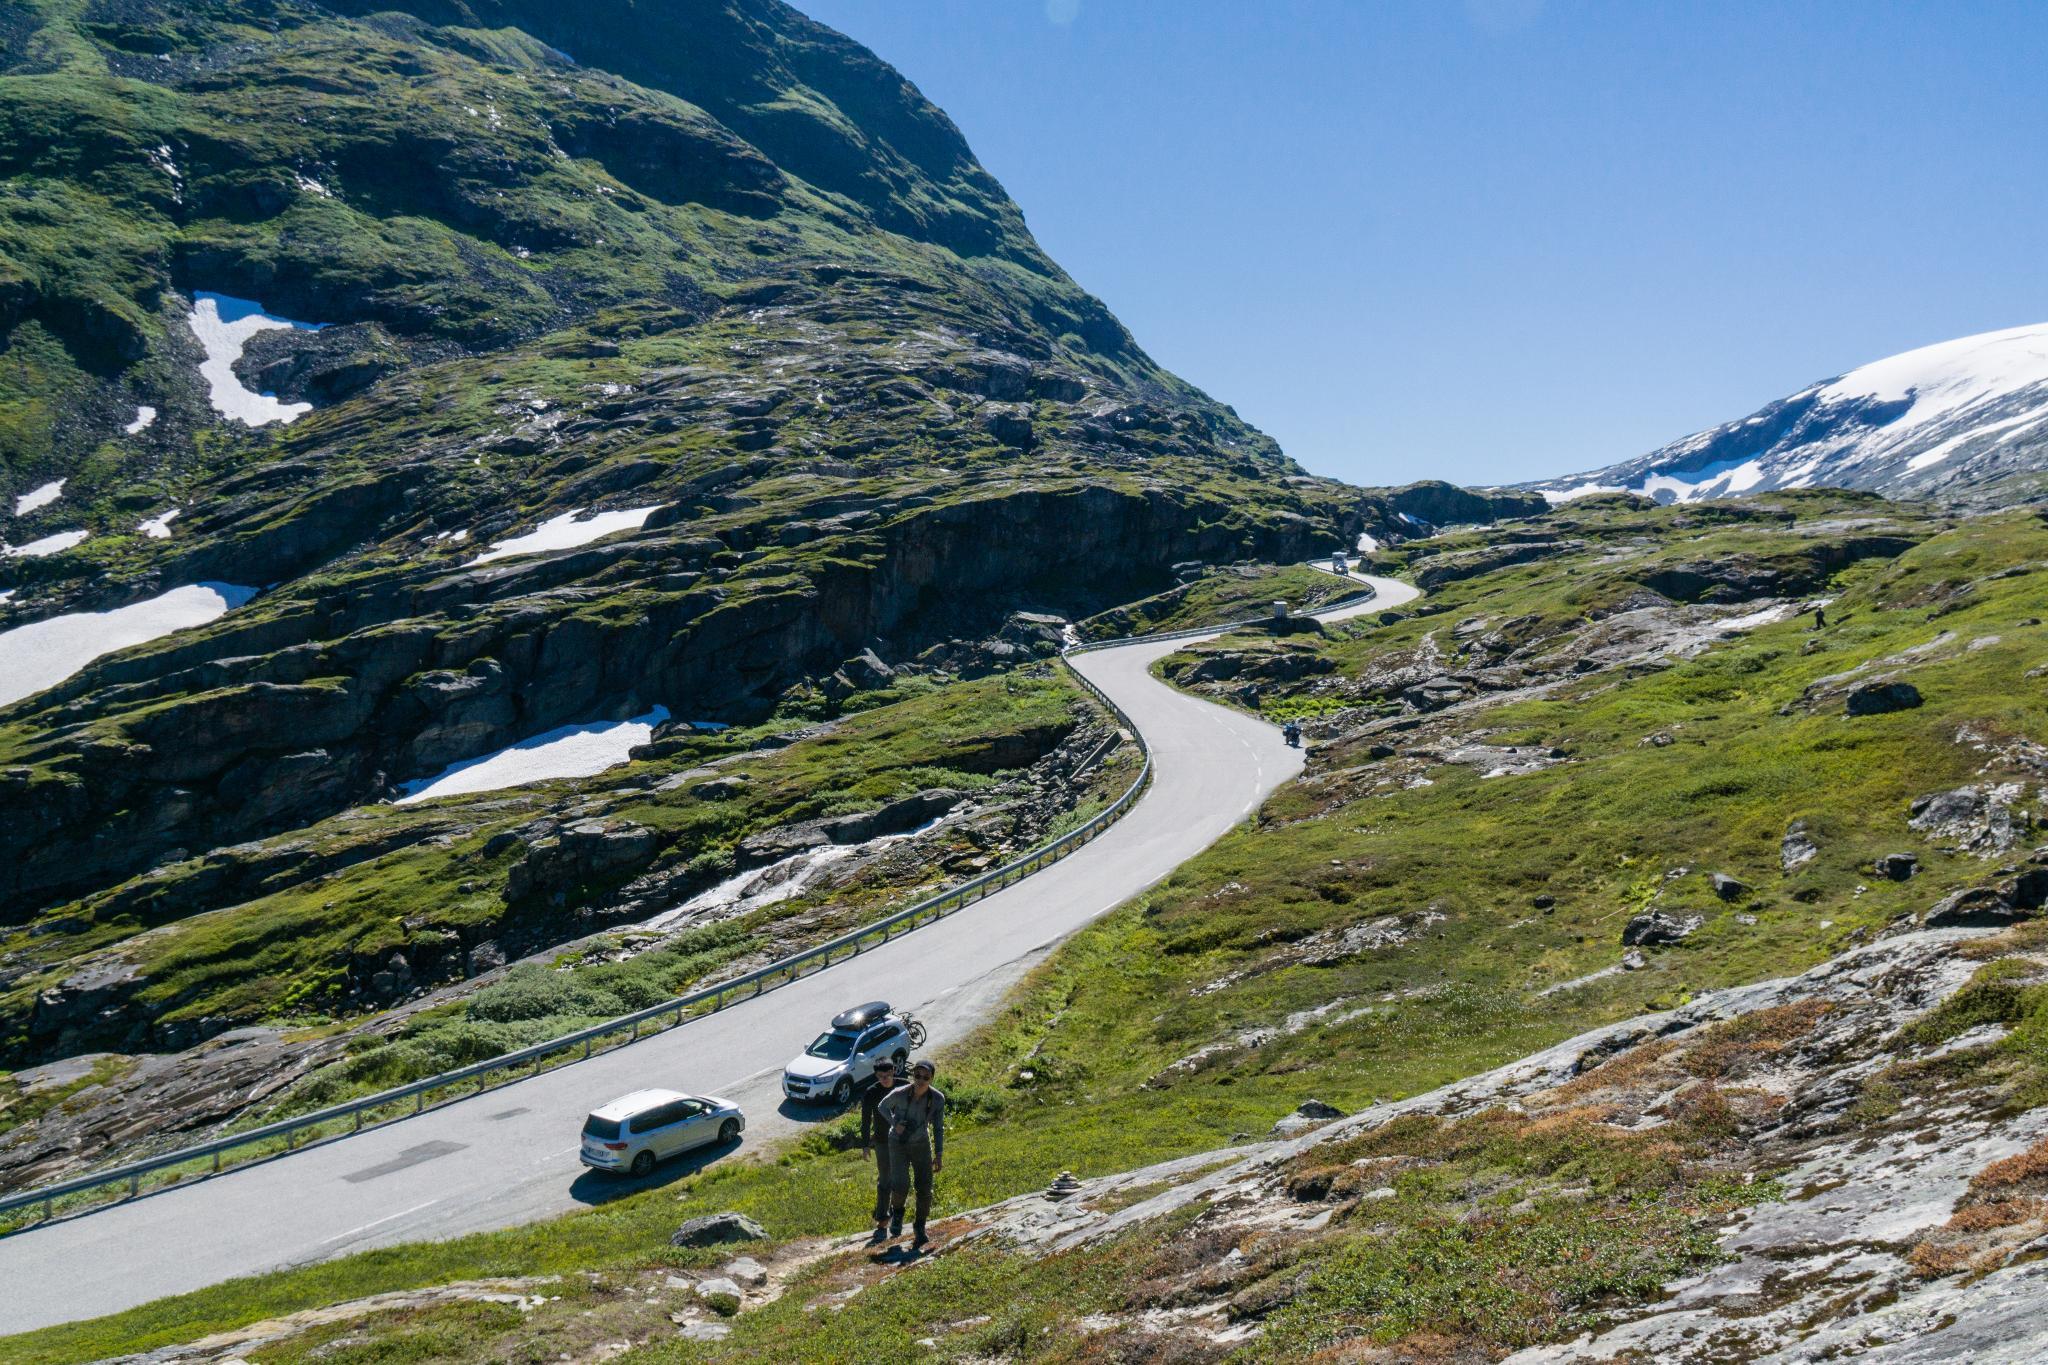 【北歐景點】歐洲最震撼的峽灣觀景台 — Dalsnibba Mountain Plateau 5